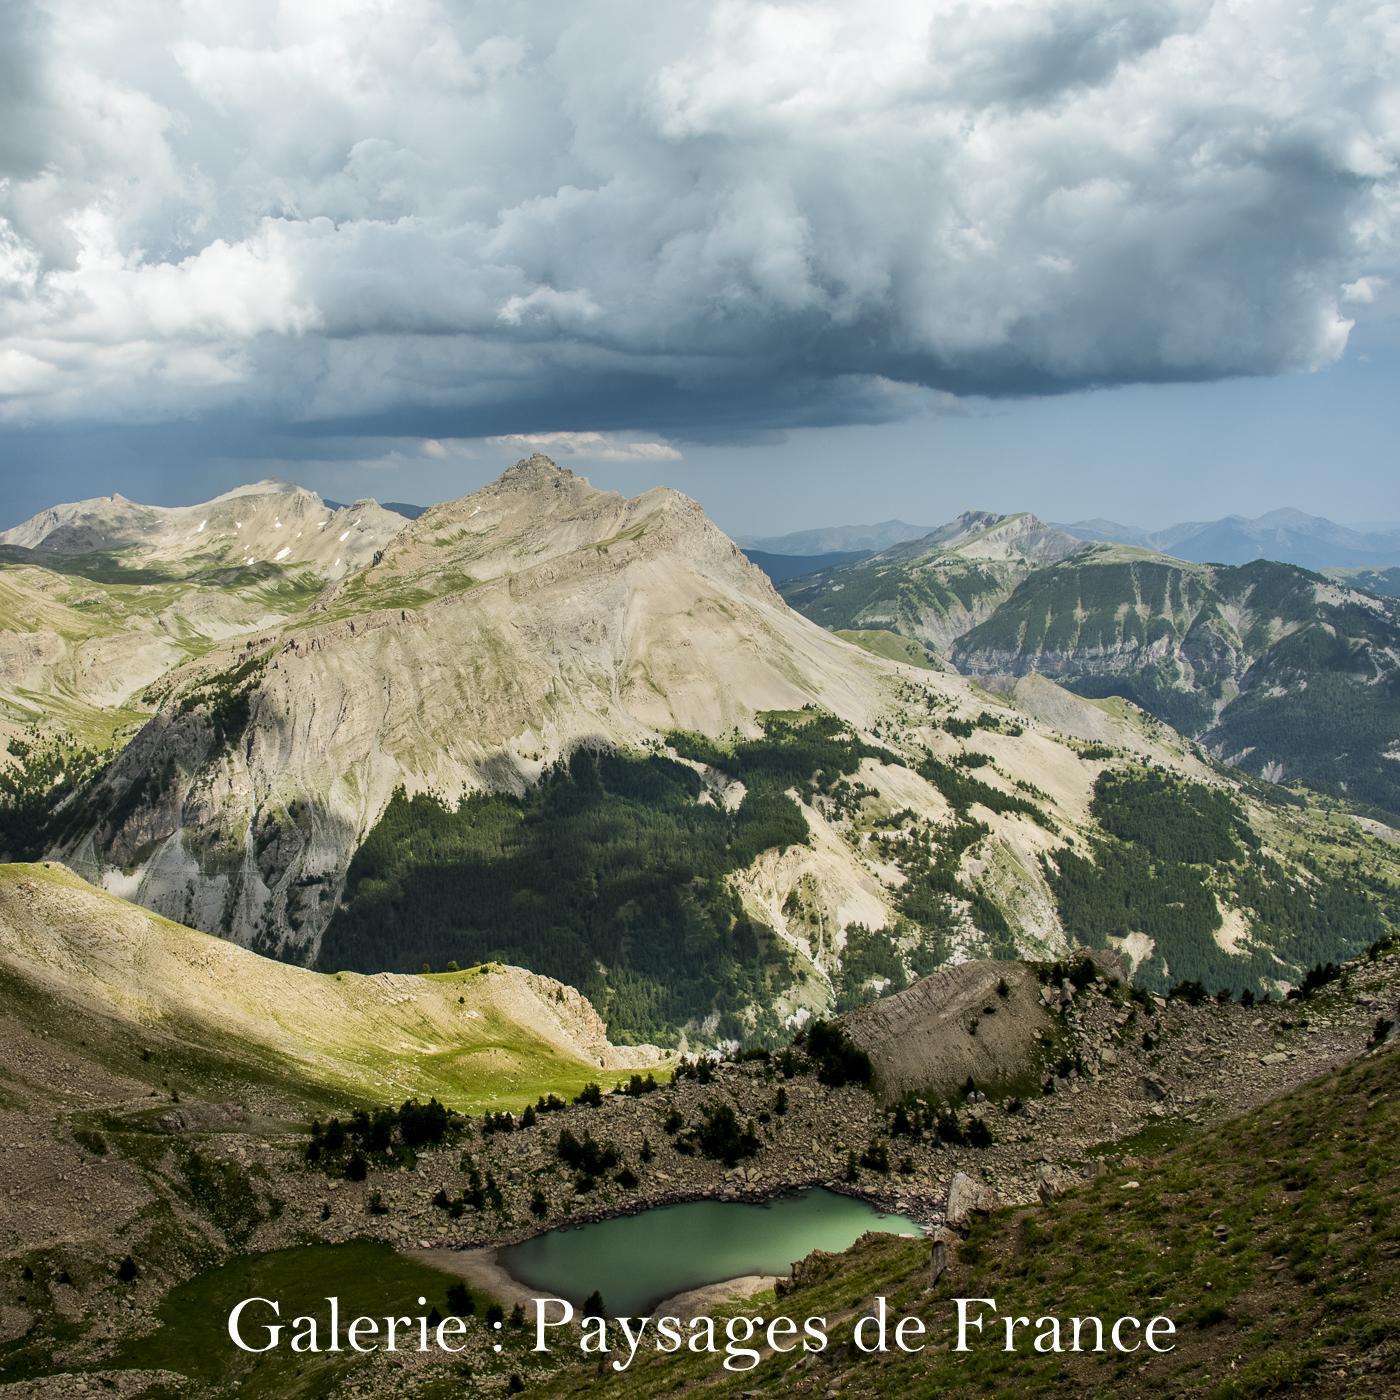 Cliquez ici pour accéder à la galerie : Paysages de France